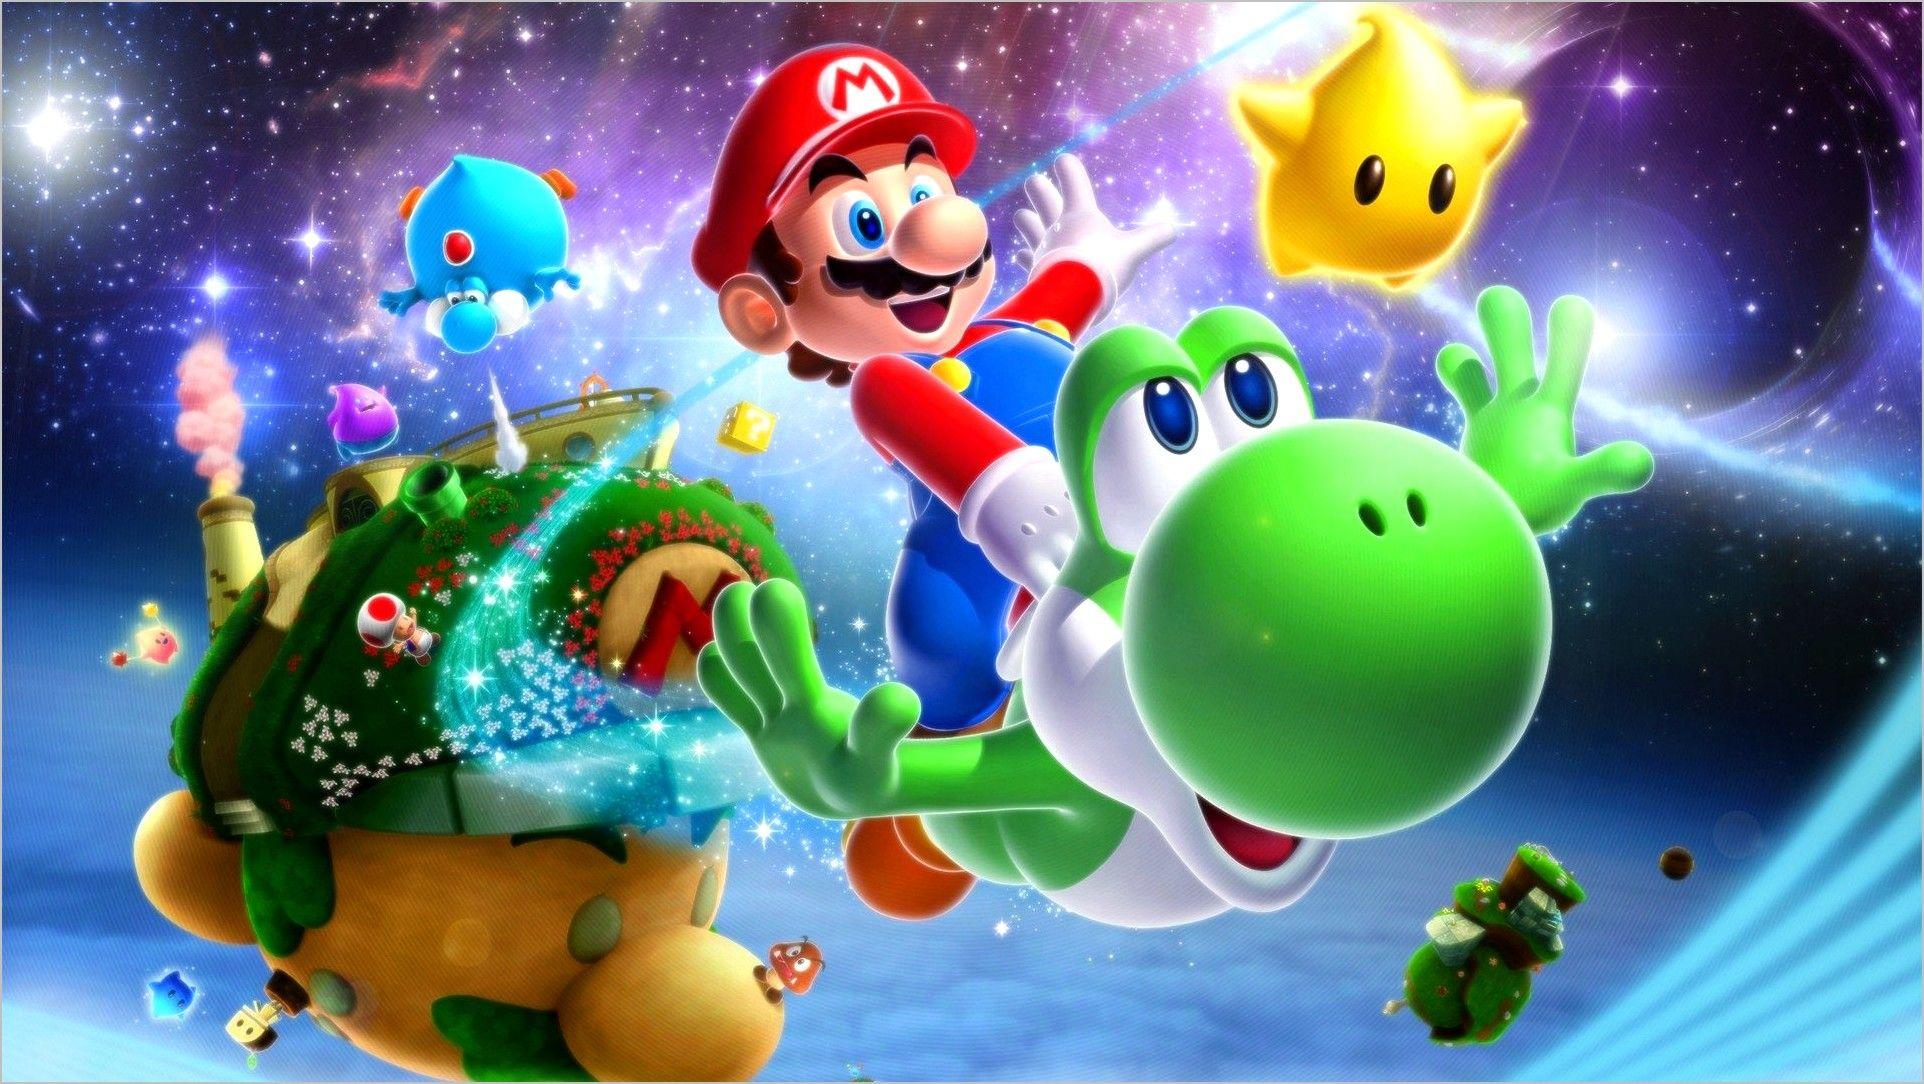 Nintendo 4k Wallpaper Mario Galaxy Super Mario Galaxy Super Mario Diamond Painting